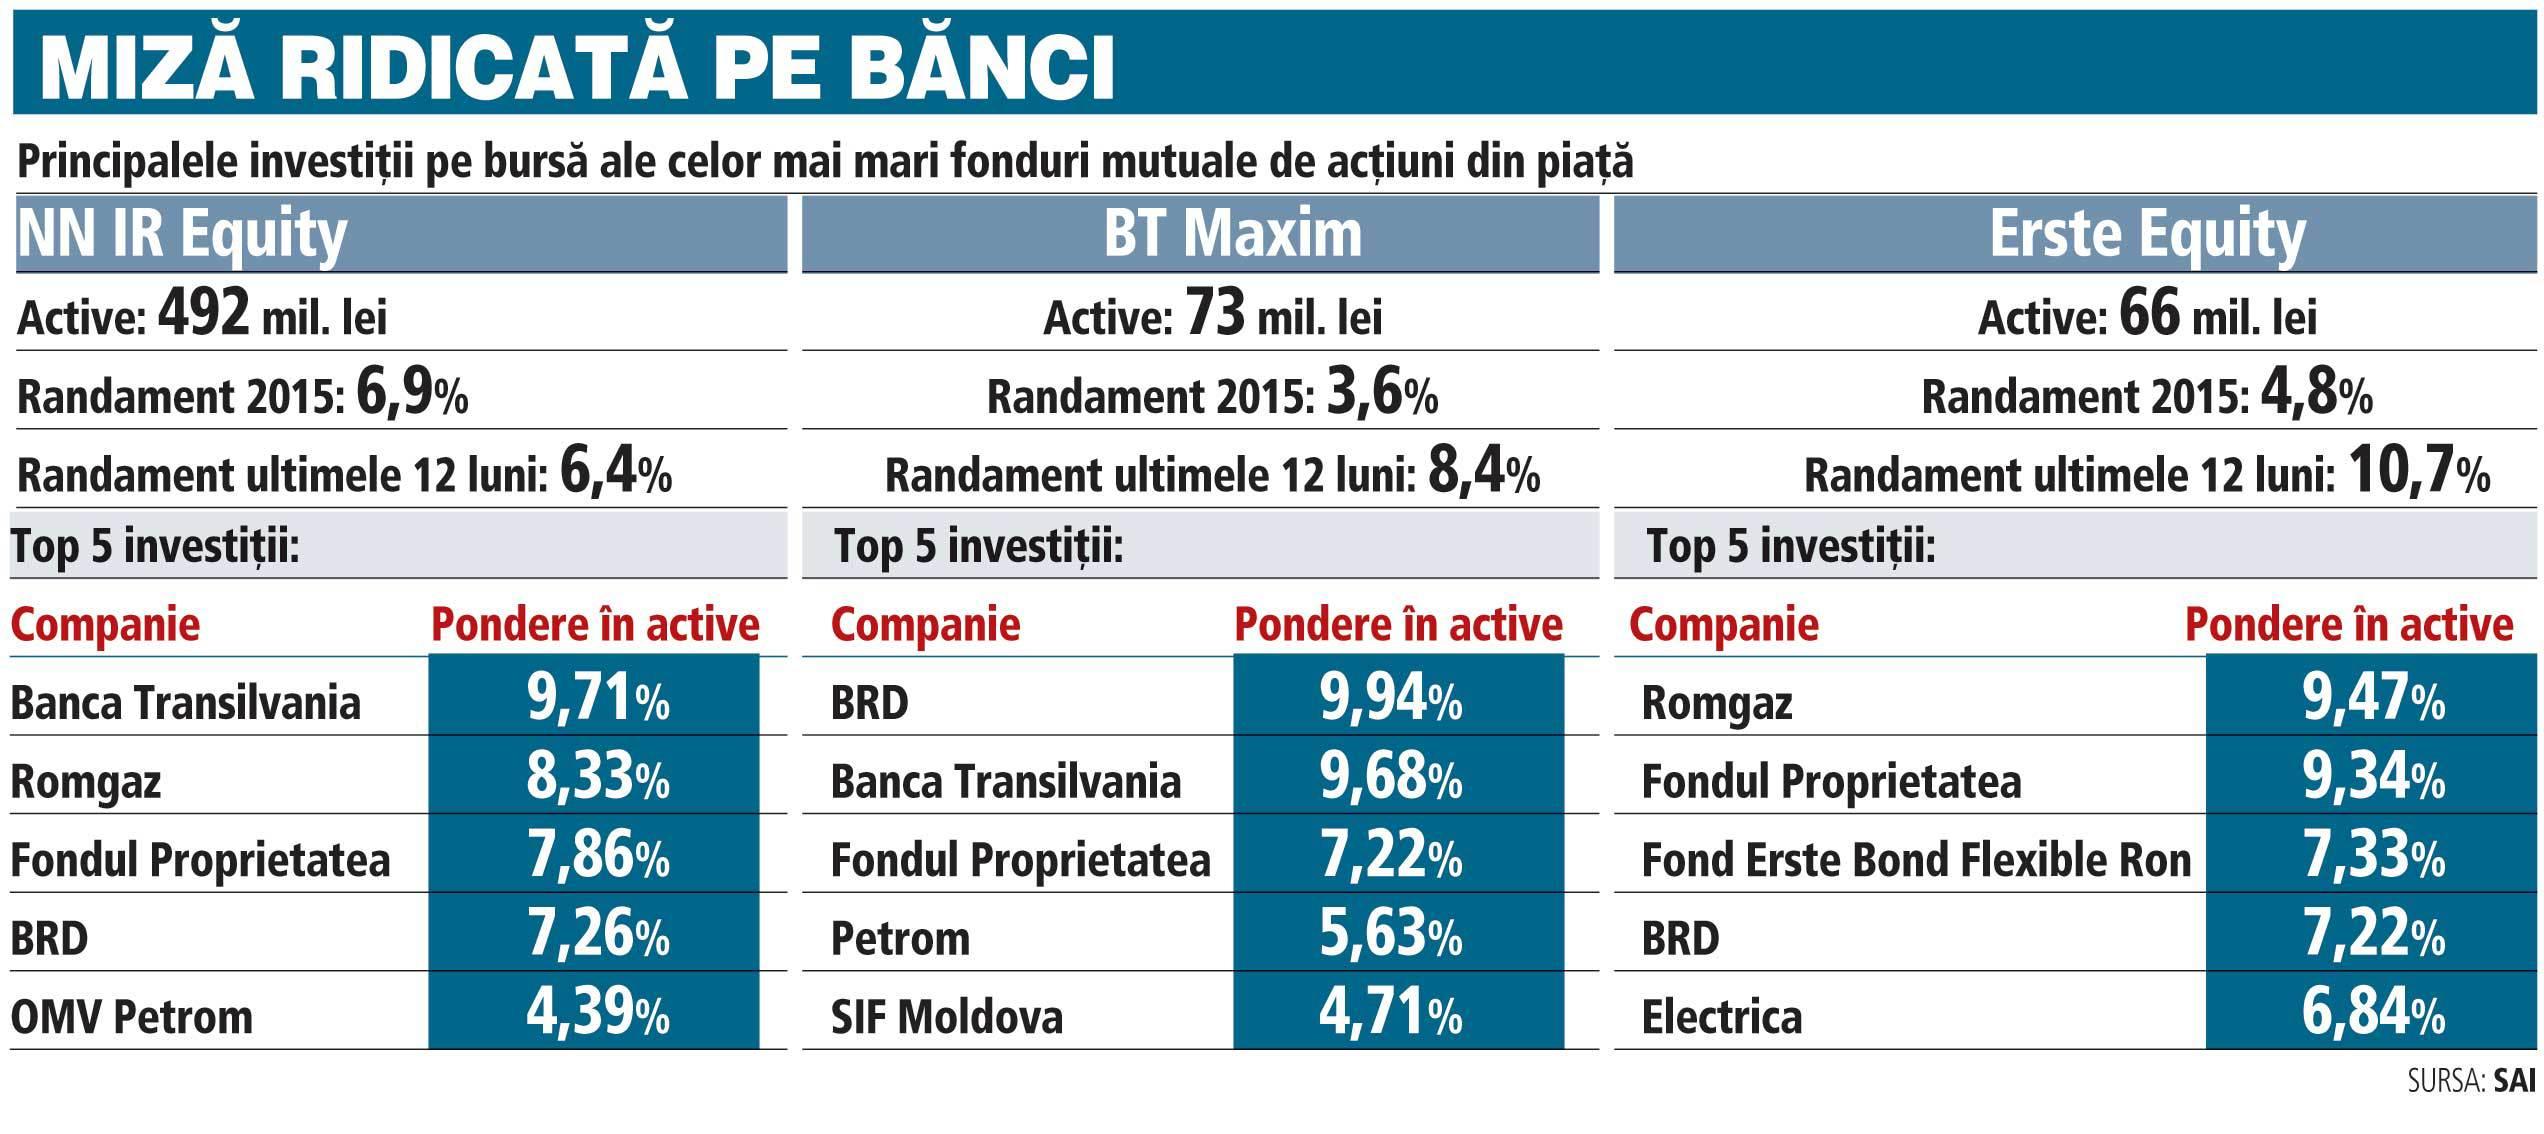 """Ce investiţii bursiere au """"sub capotă"""" cele mai mari fonduri de acţiuni"""